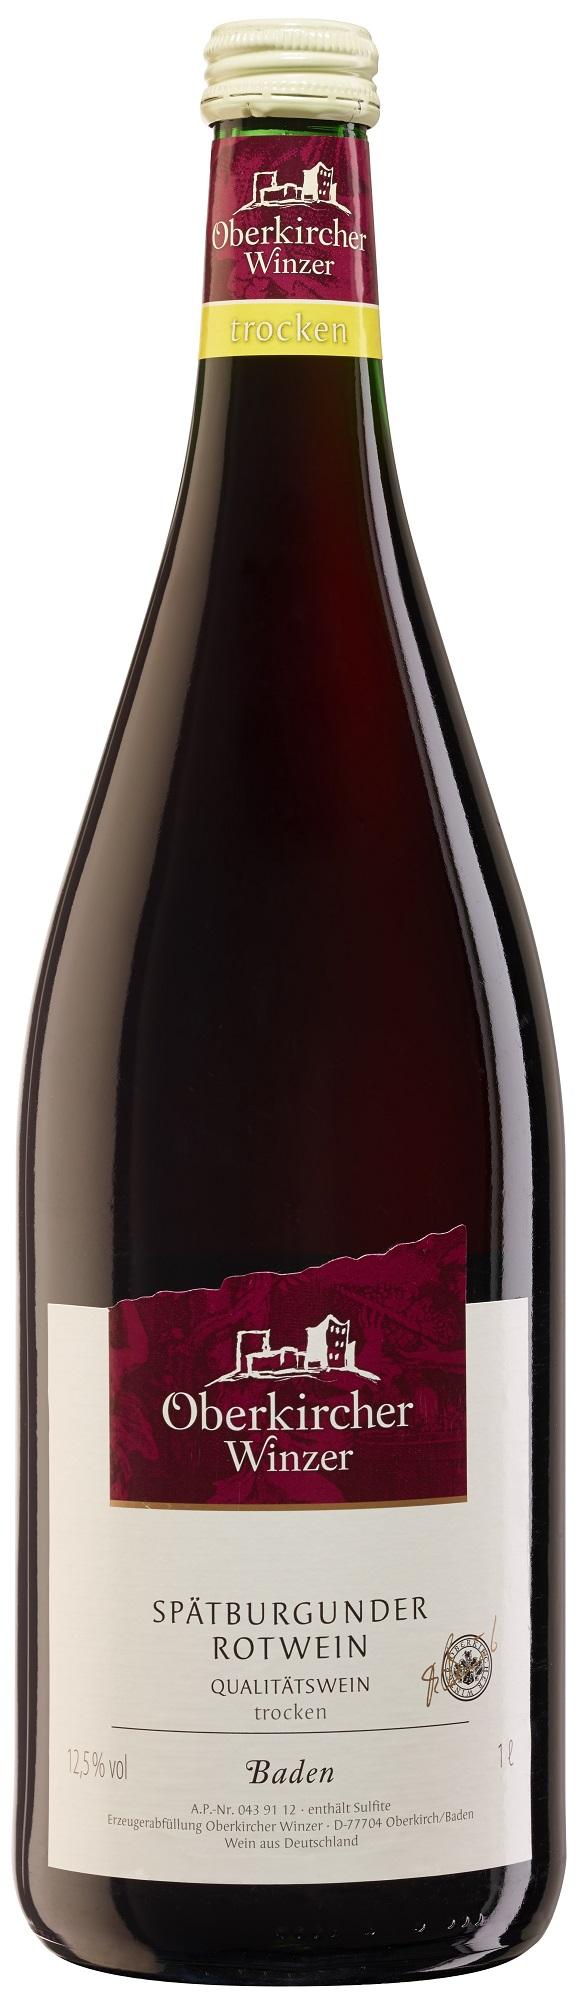 Collection Oberkirch, Spätburgunder Rotwein Qualitätswein trocken